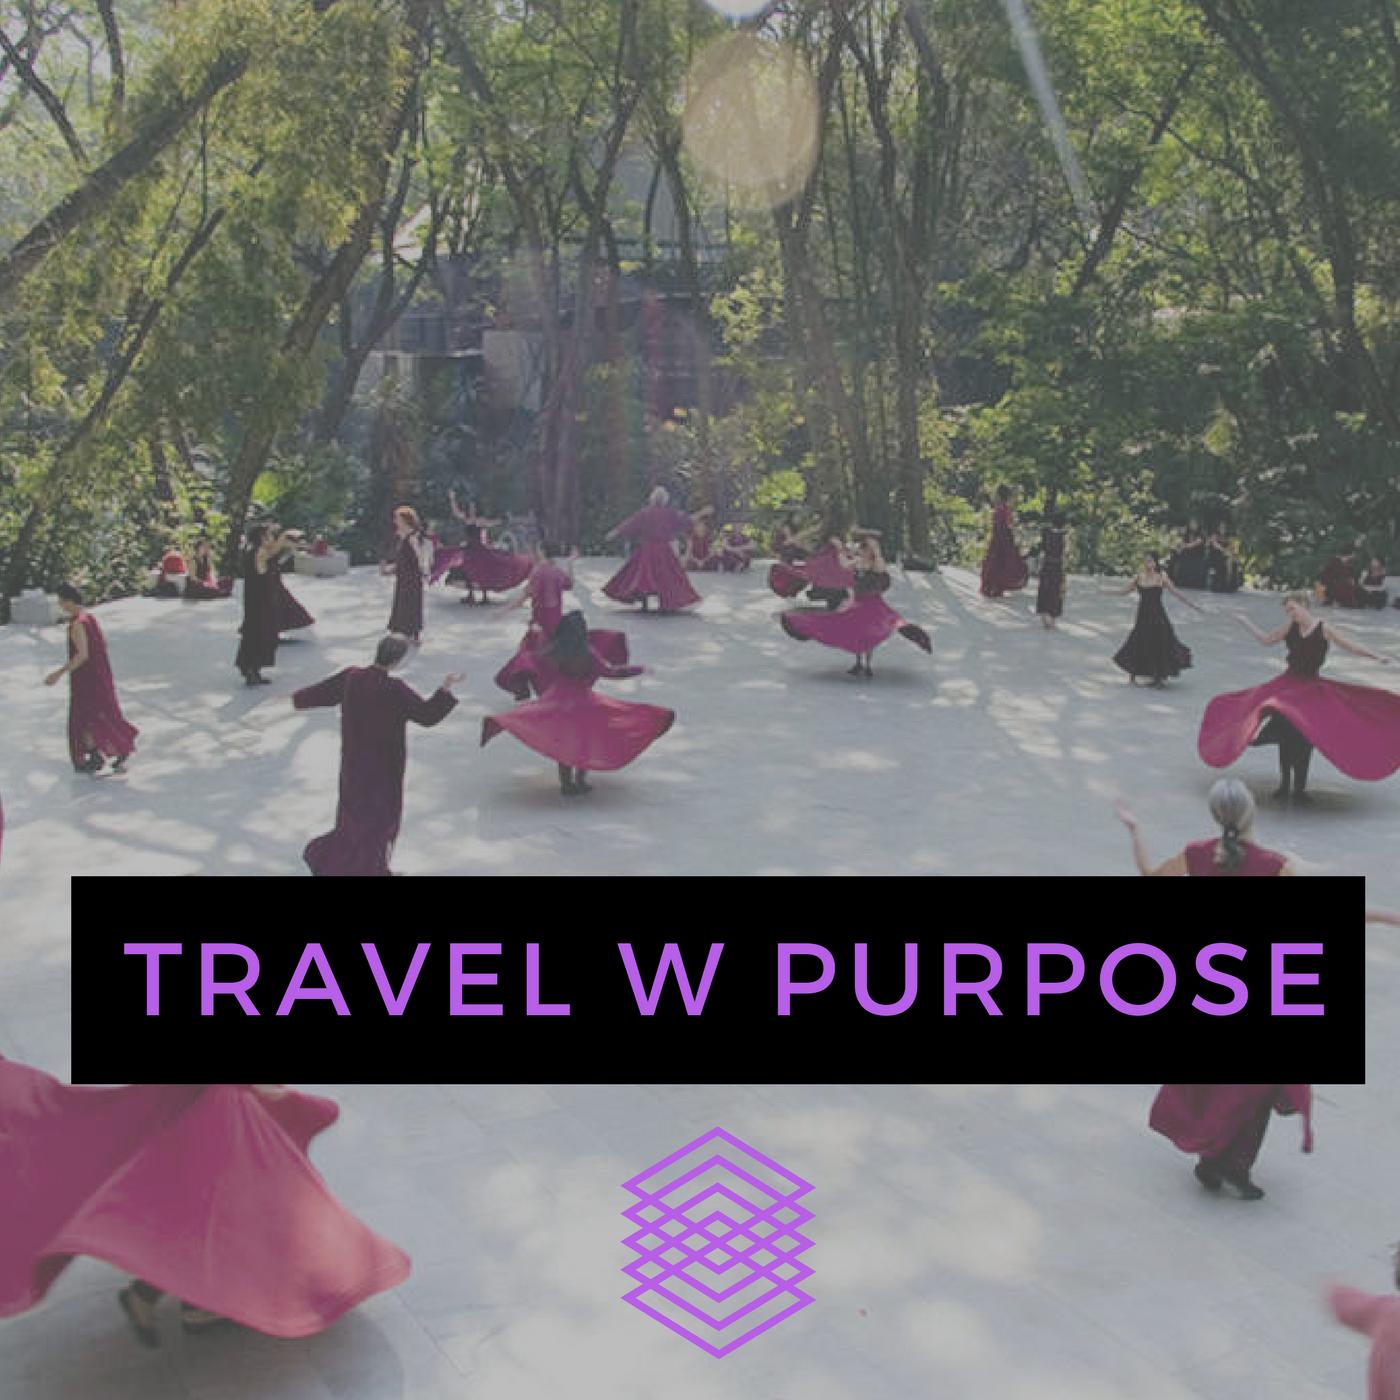 travelwpurpose.png